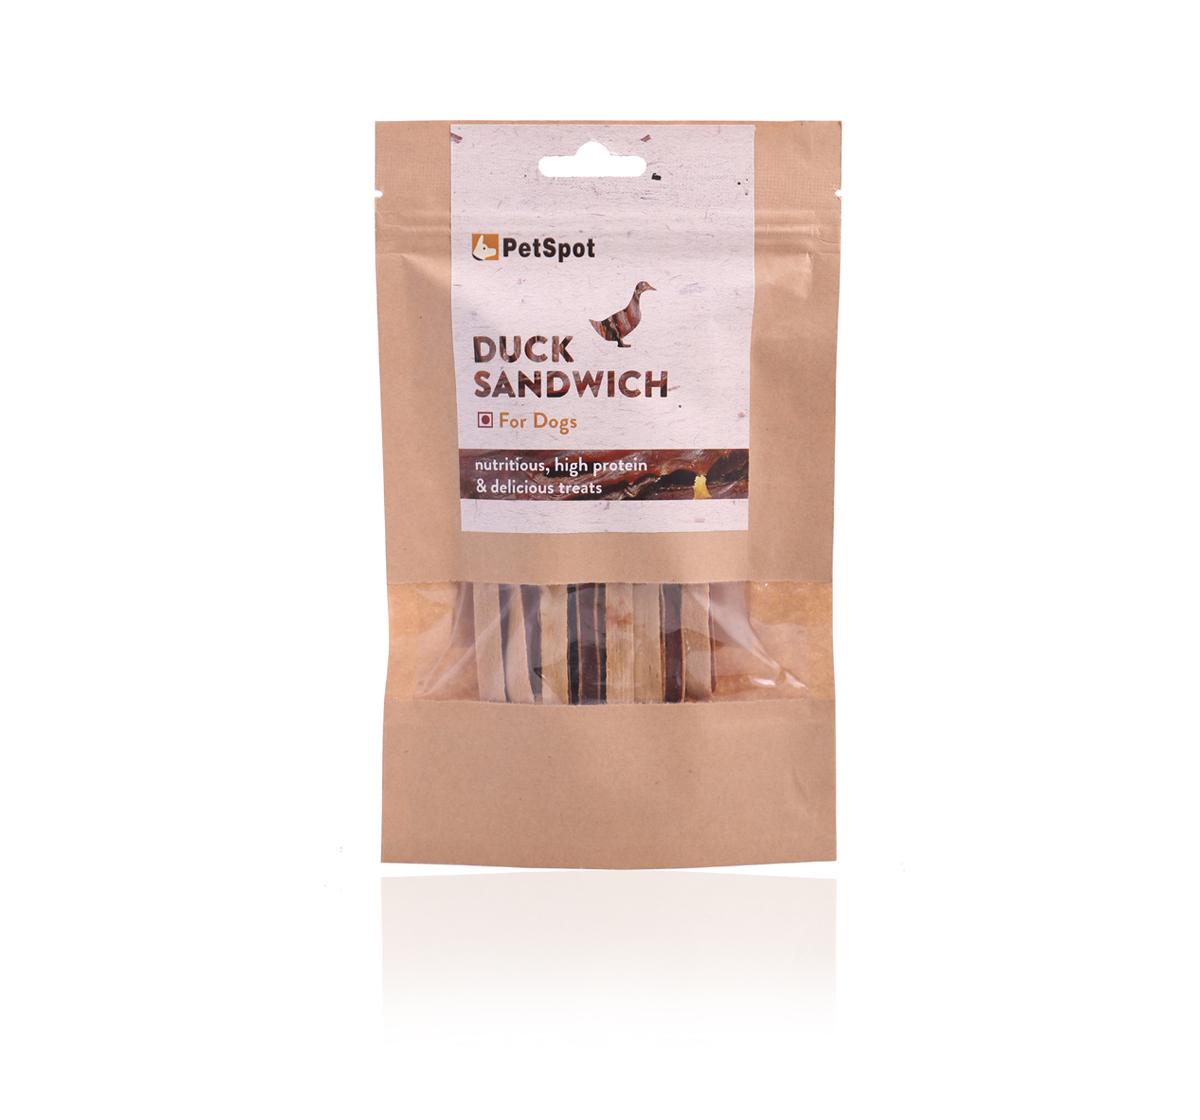 PetSpot Duck Sandwich - 70 gm (Pack of 5)